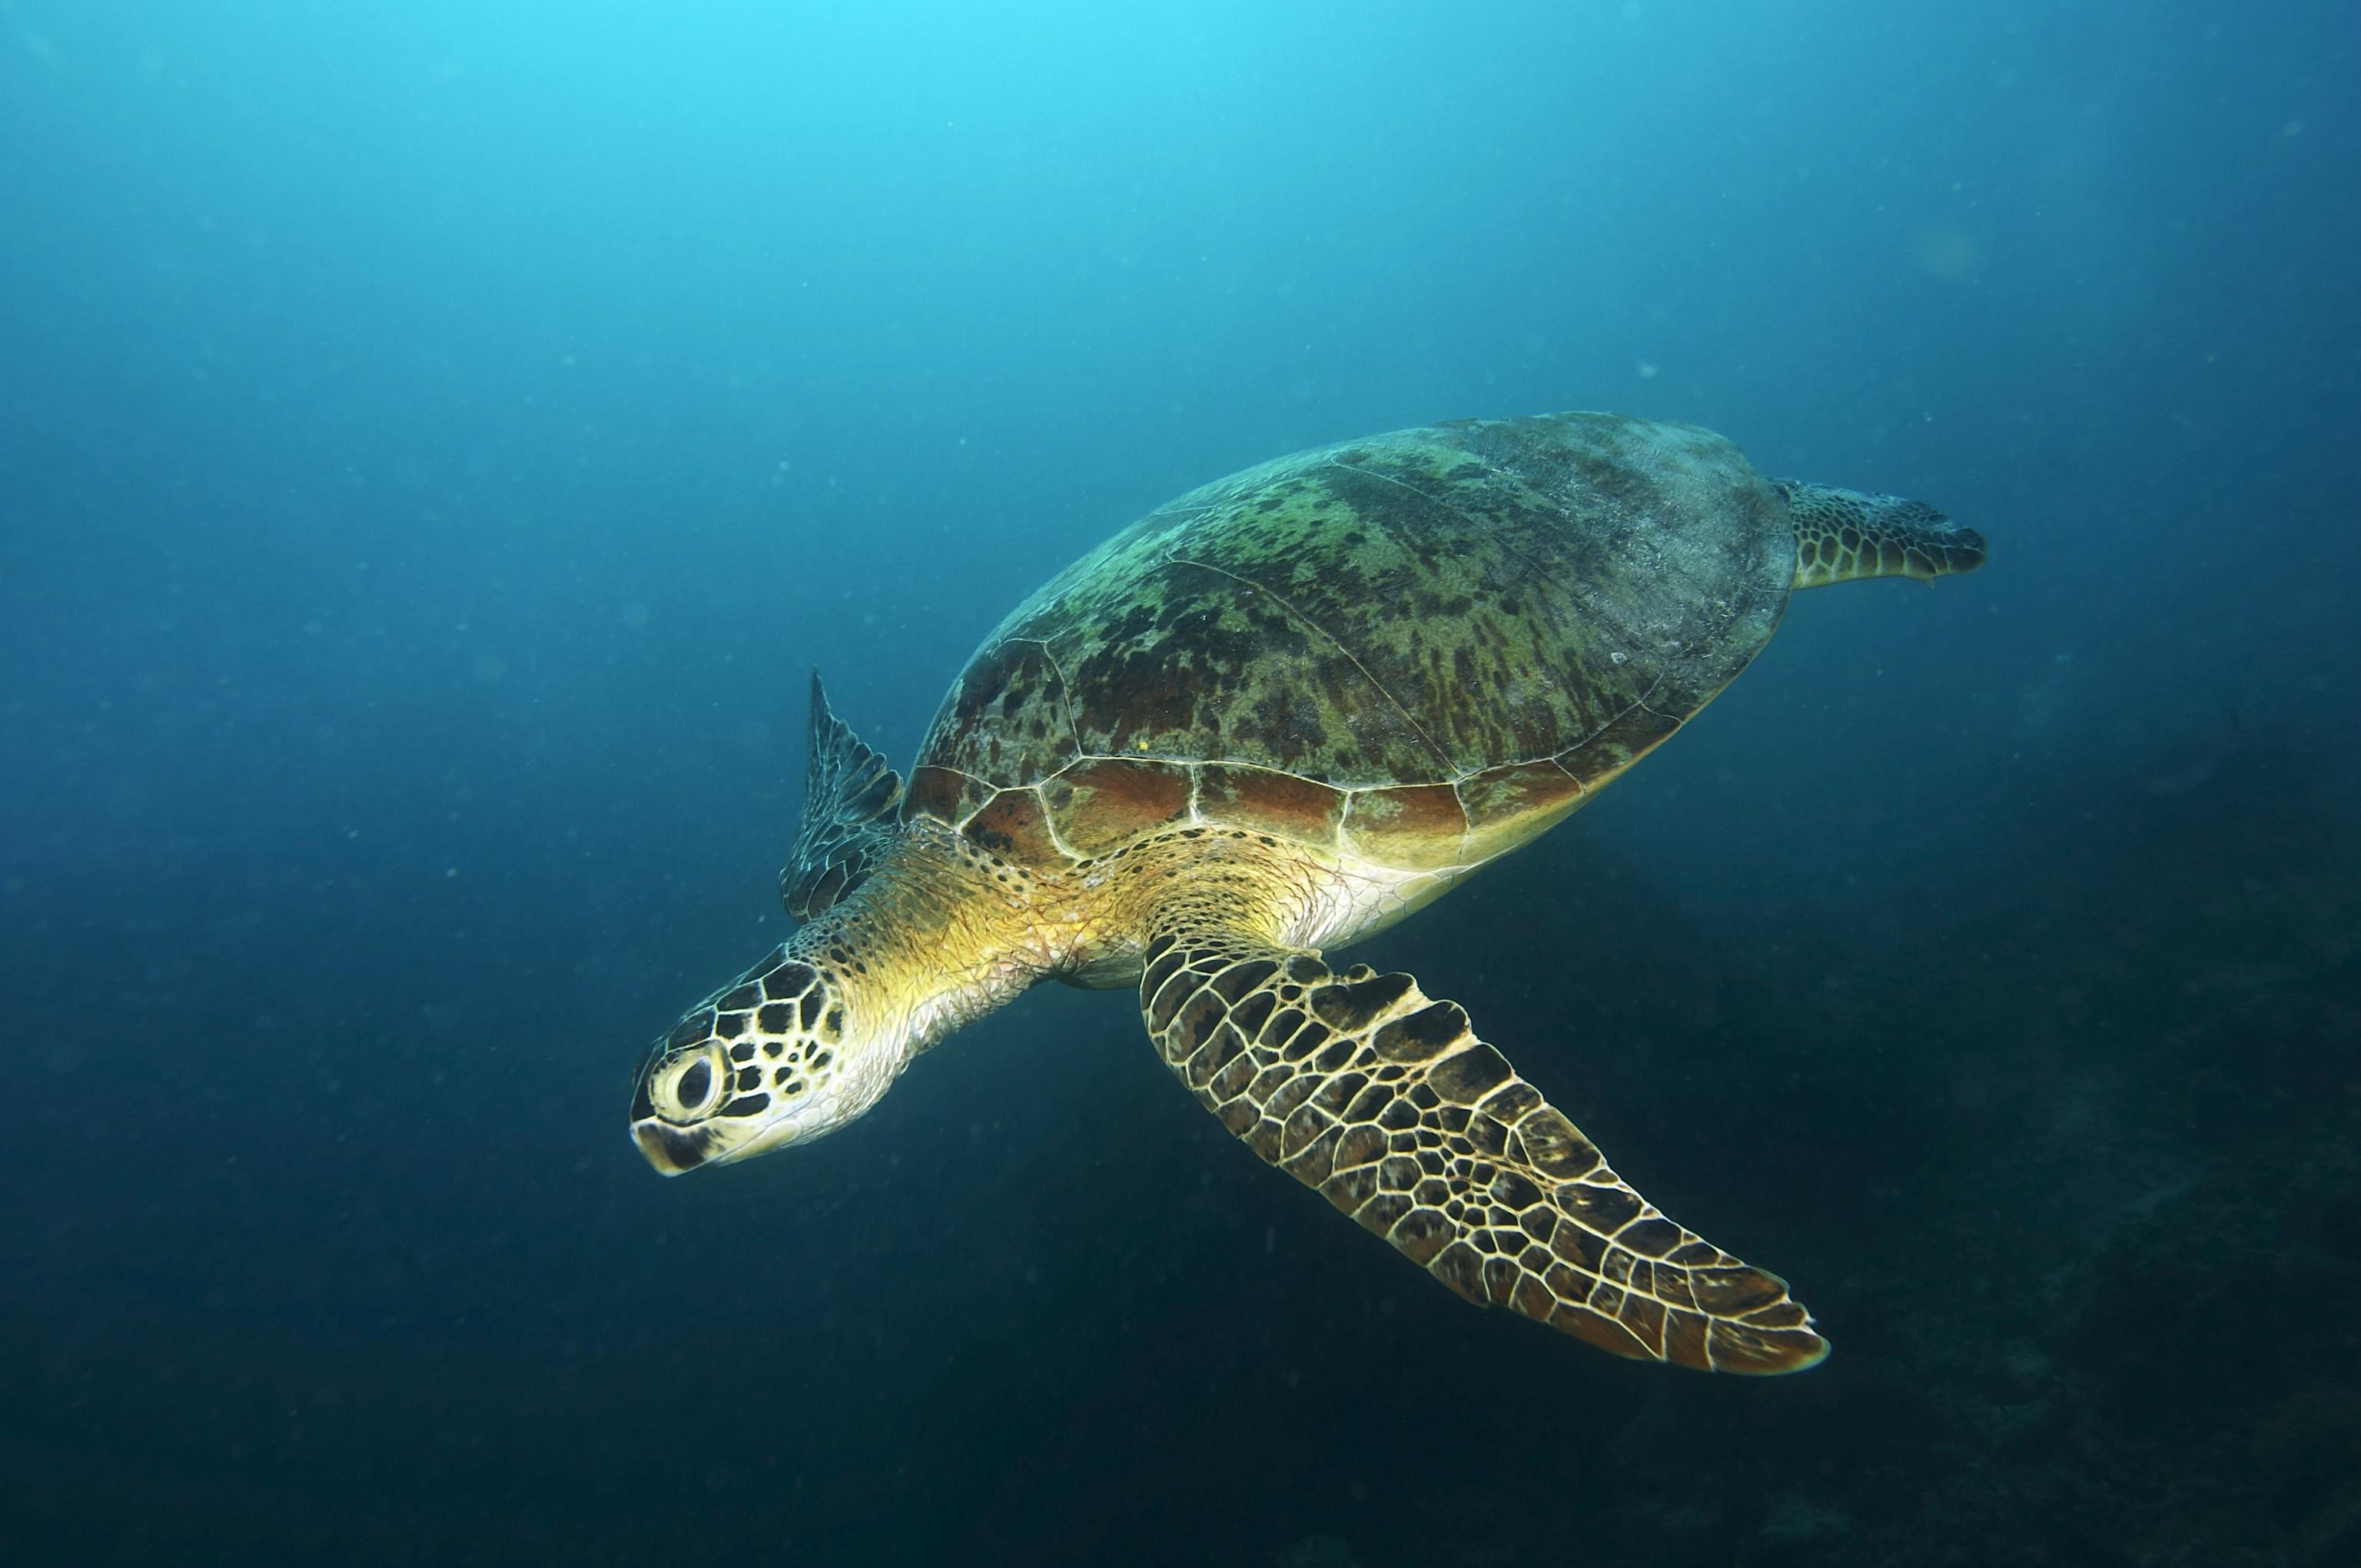 绿海龟吃什么东西